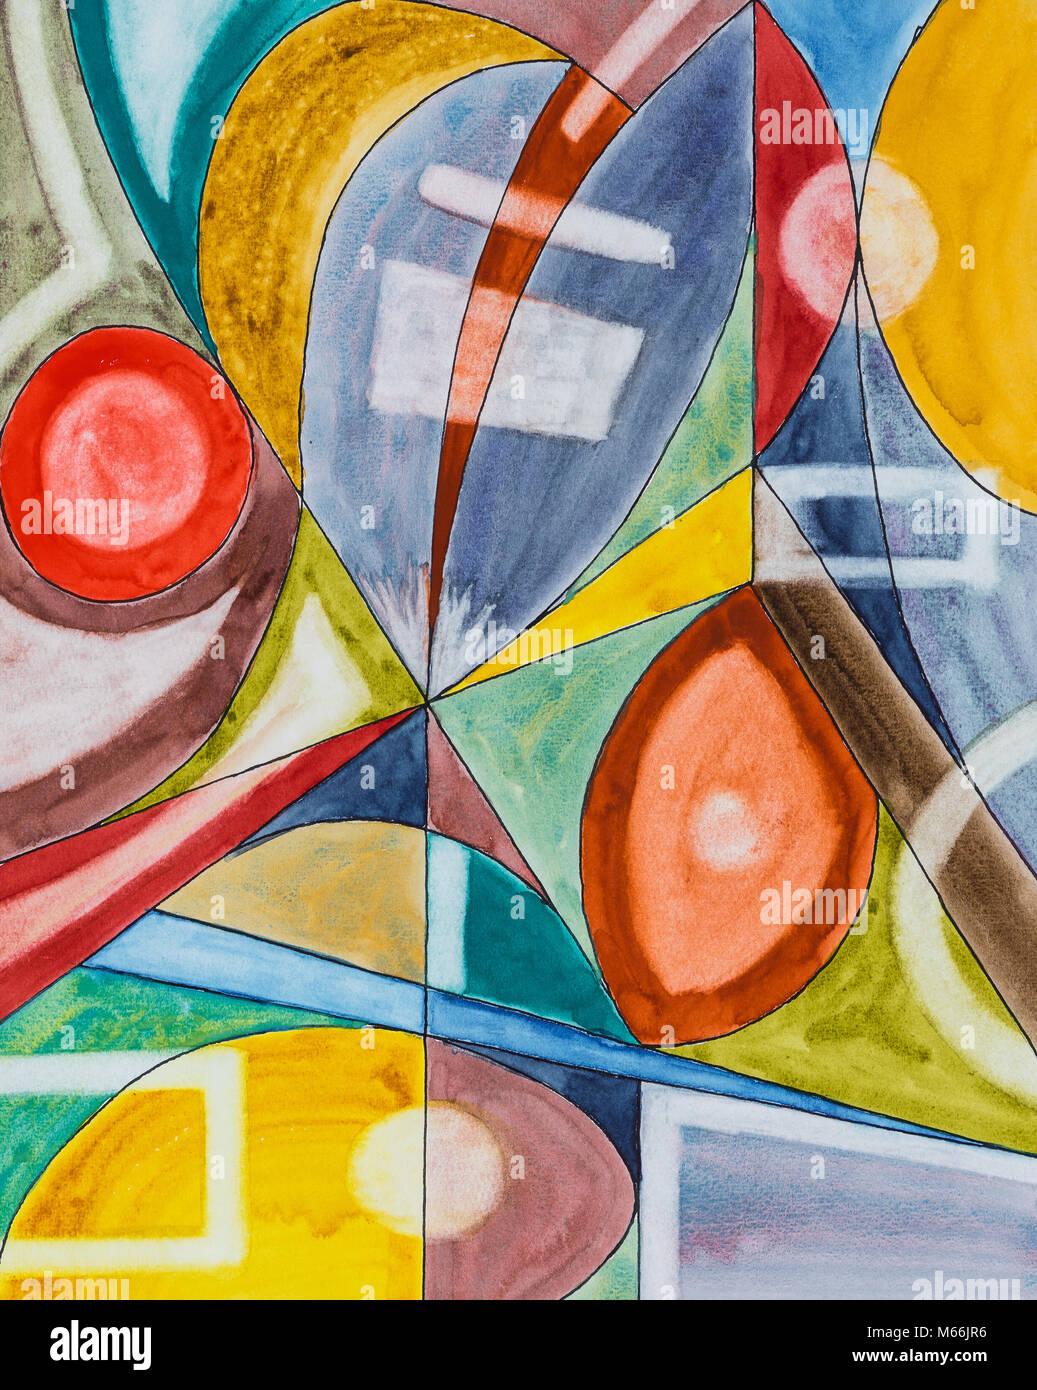 Ein abstraktes Aquarell und Tusche Komposition. Stockbild